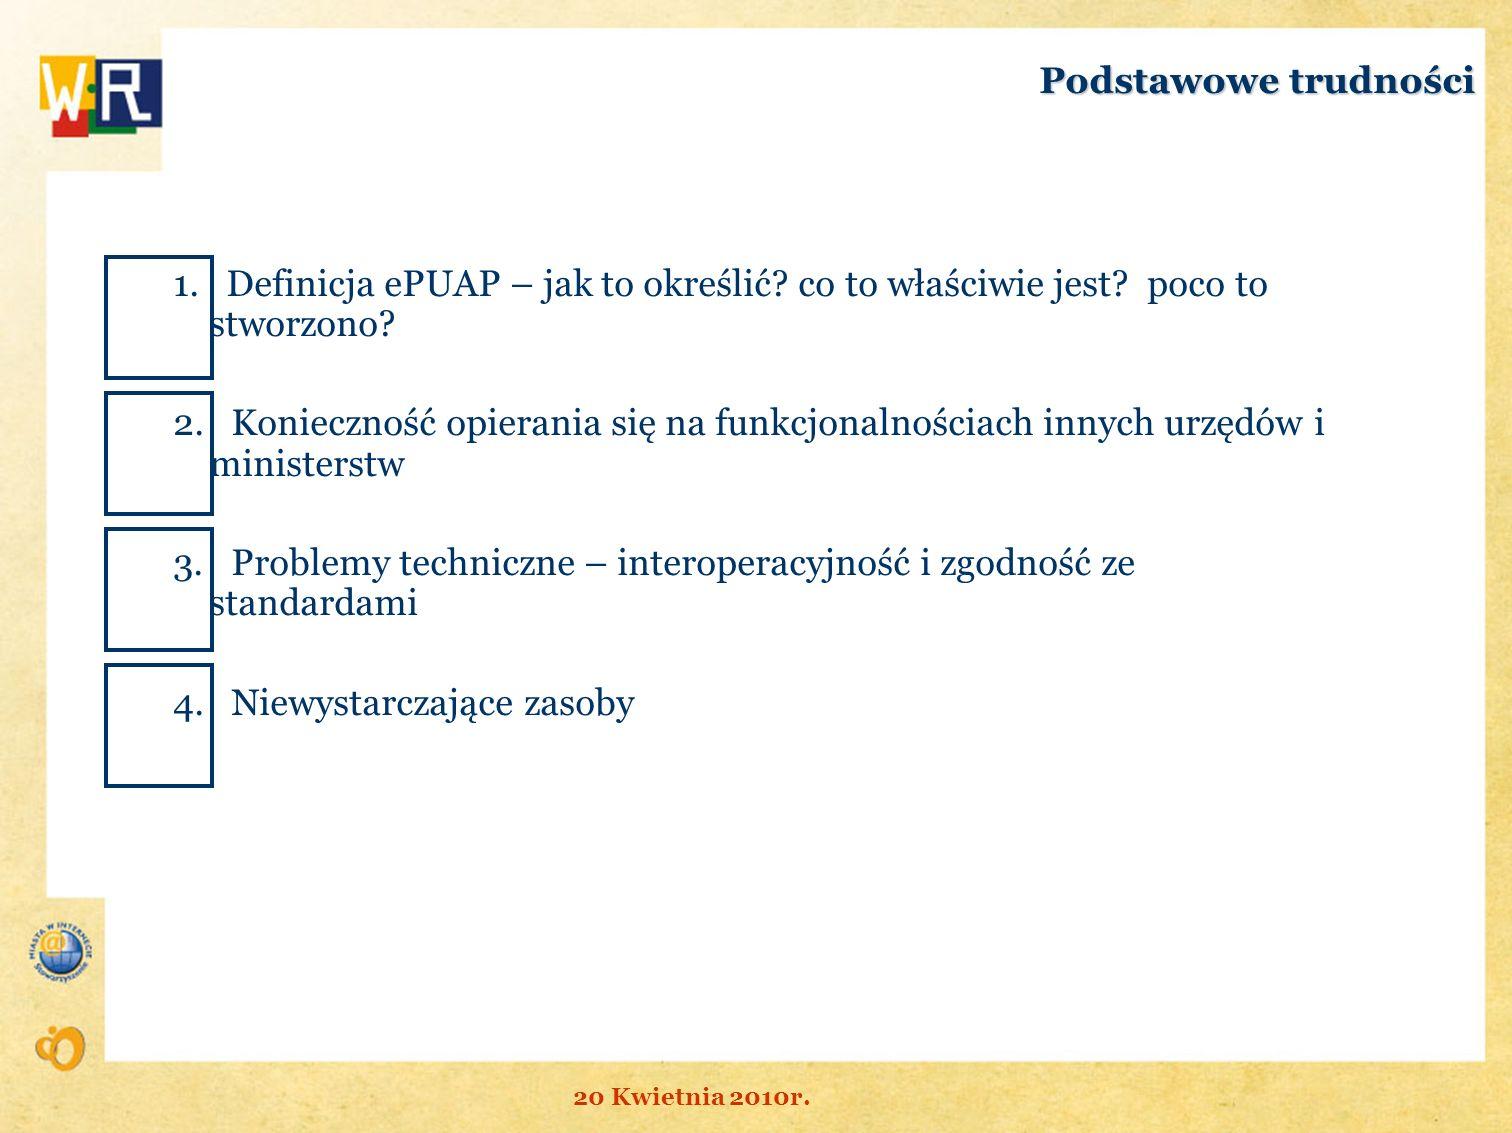 Podstawowe trudności 1. Definicja ePUAP – jak to określić? co to właściwie jest? poco to stworzono? 2. Konieczność opierania się na funkcjonalnościach